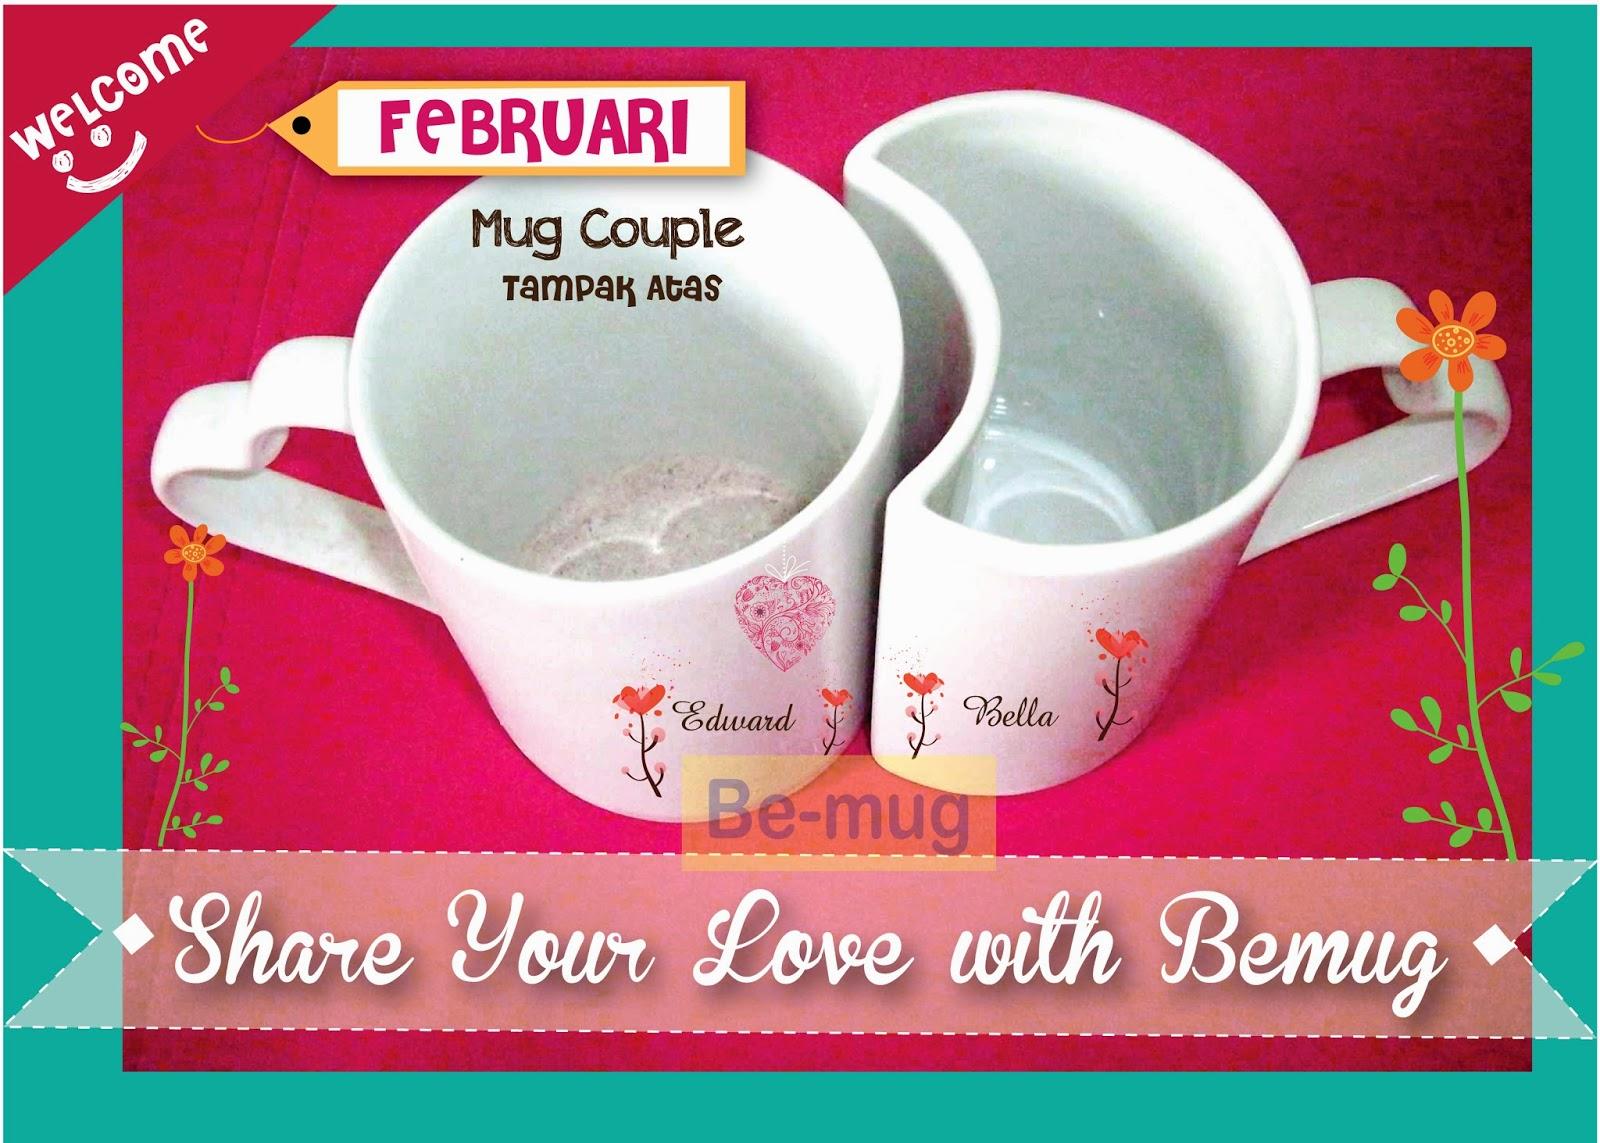 Mug Couple tampak atas